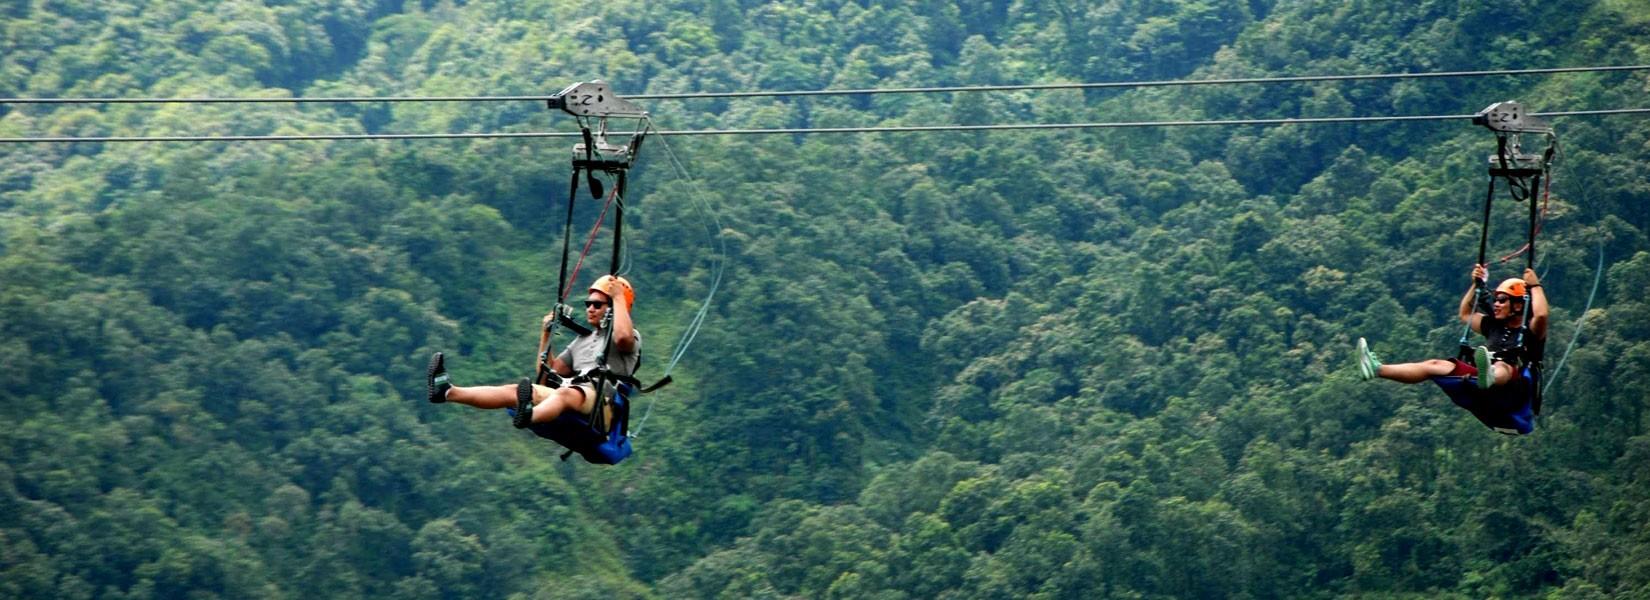 Extreme Zip Line Nepal